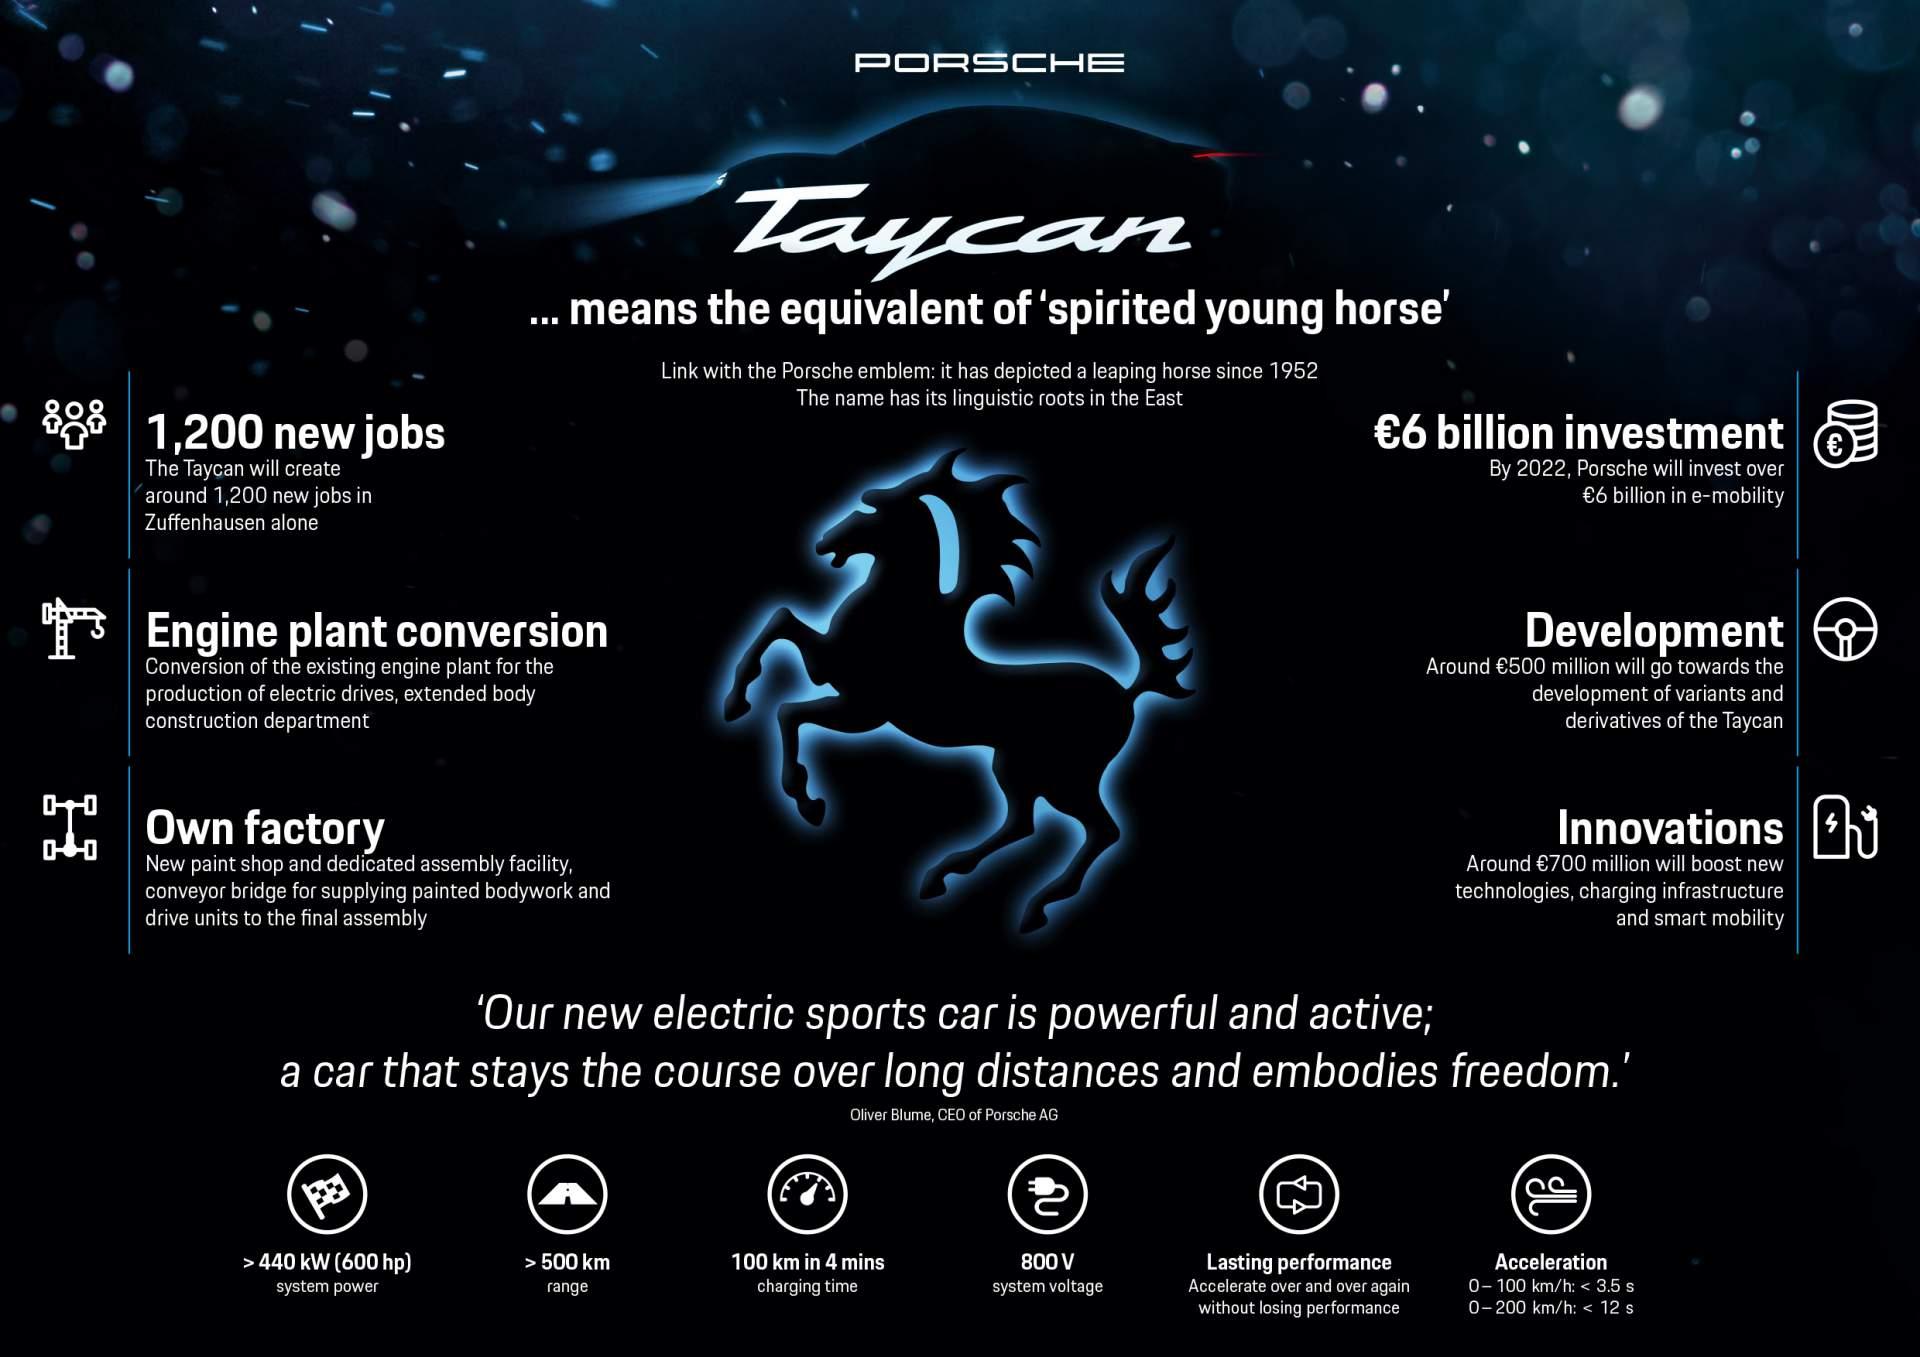 da22b10d porsche taycan infographic - Porsche Taycan: Erstes ungetarntes Bild und alle Vorab-Infos des Porsche Elektroautos